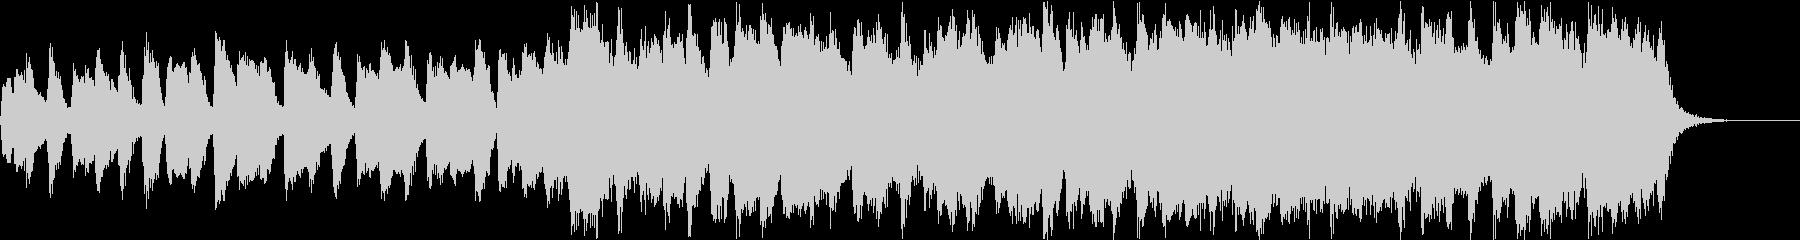 30秒/ワルツ、オーケストラ ダンスや宴の未再生の波形